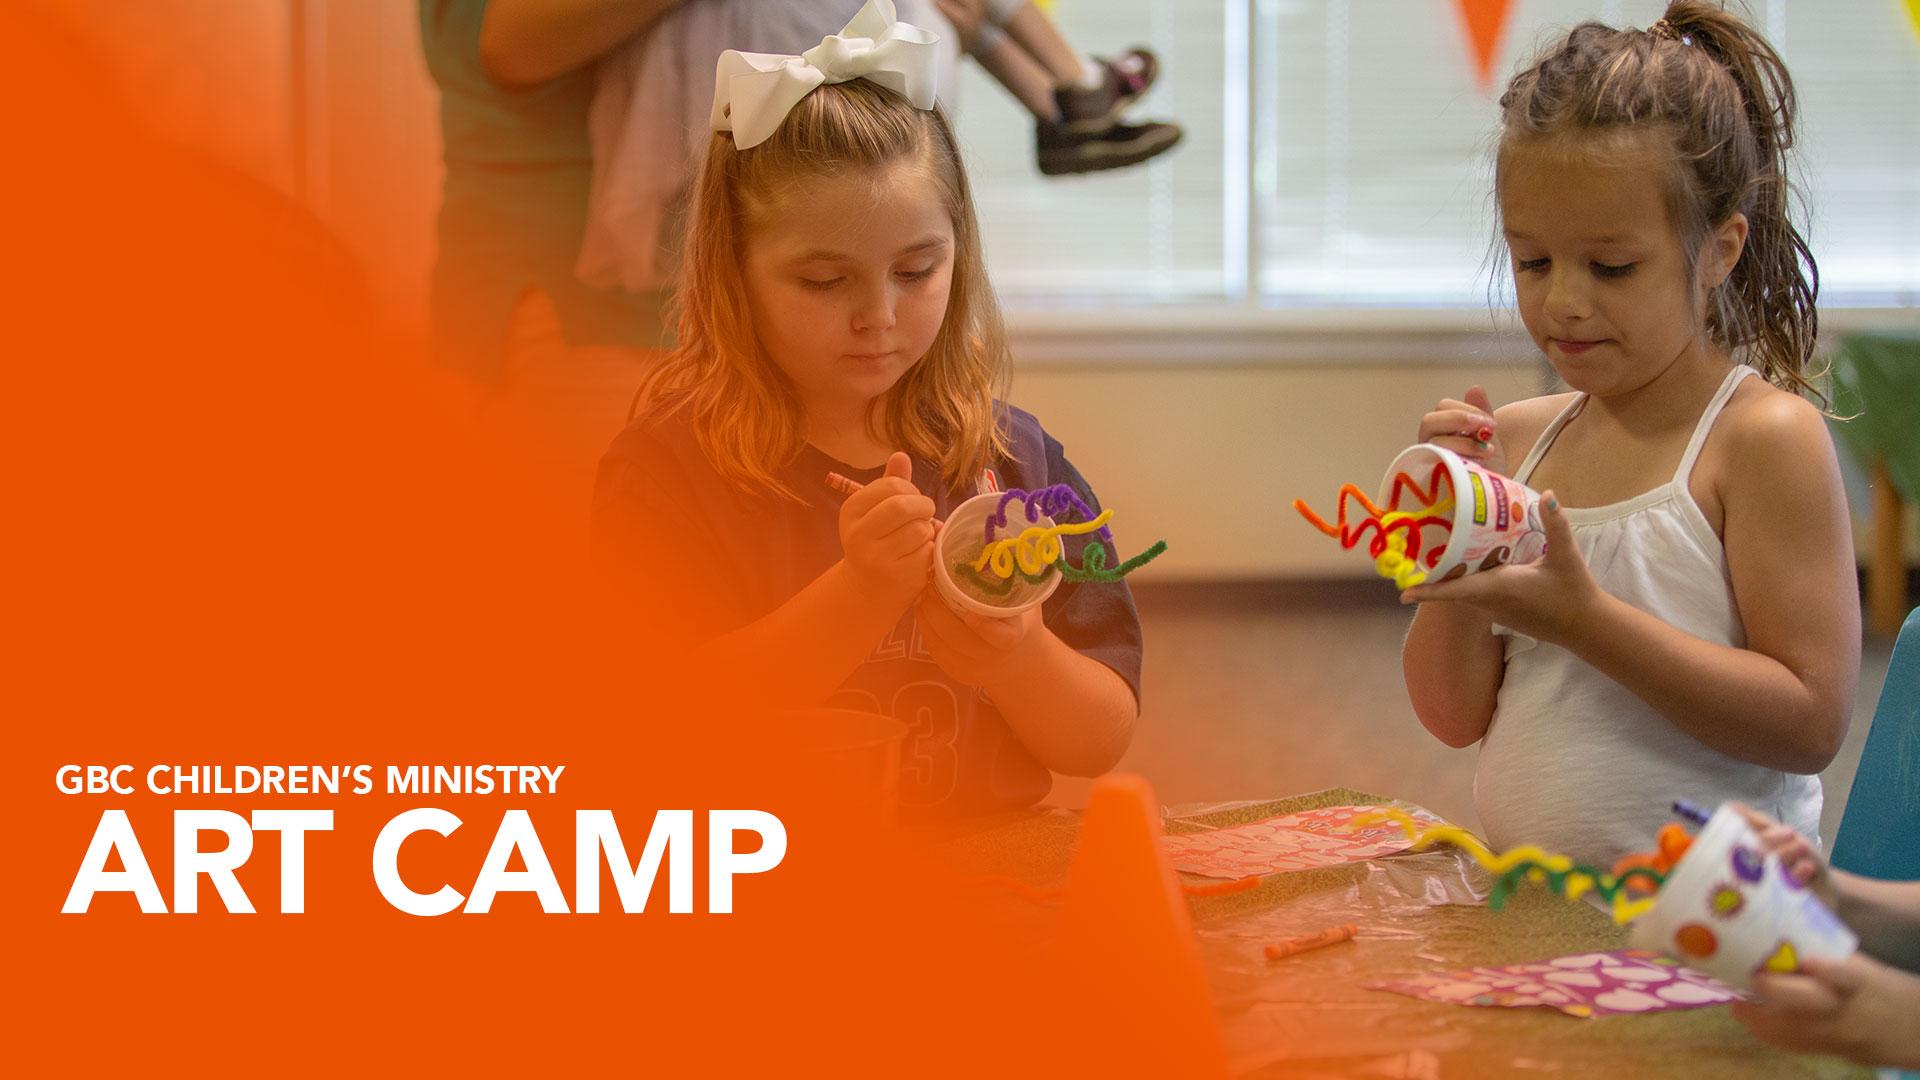 062619_Art-Camp_WEB.jpg